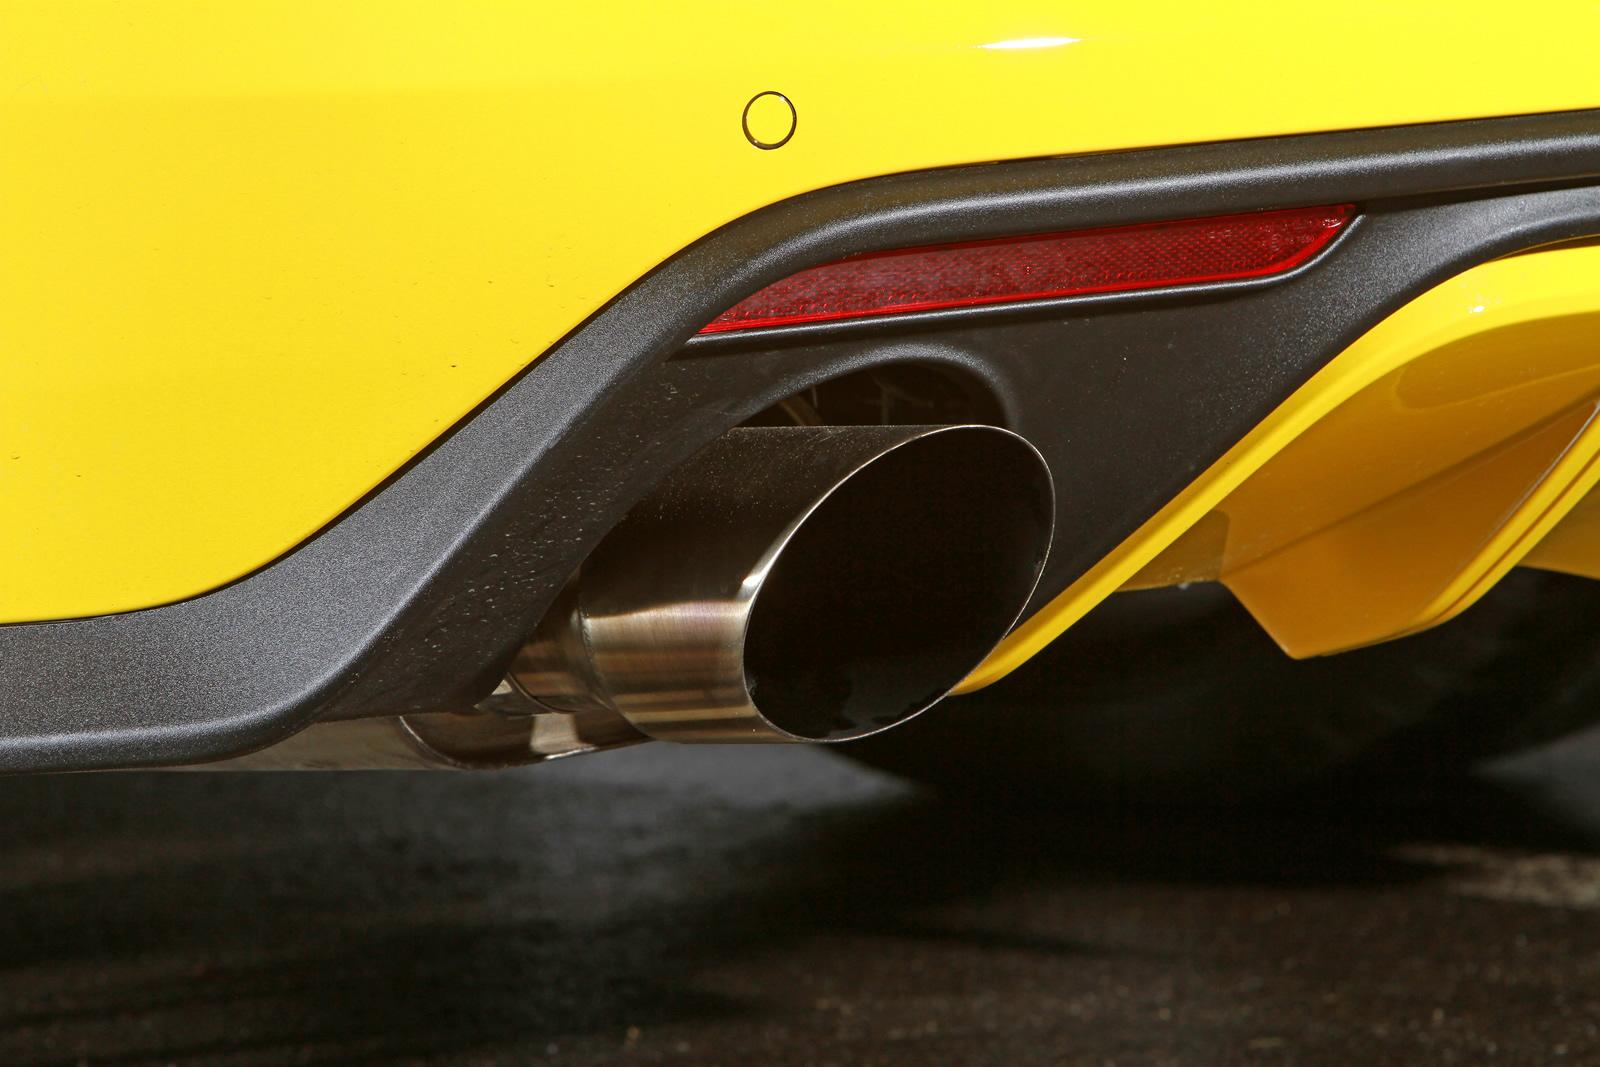 ¡709 CV en tu Ford Mustang GT gracias a GeigerCars! Por 82.900 euros puedes hacerte con el pack 4